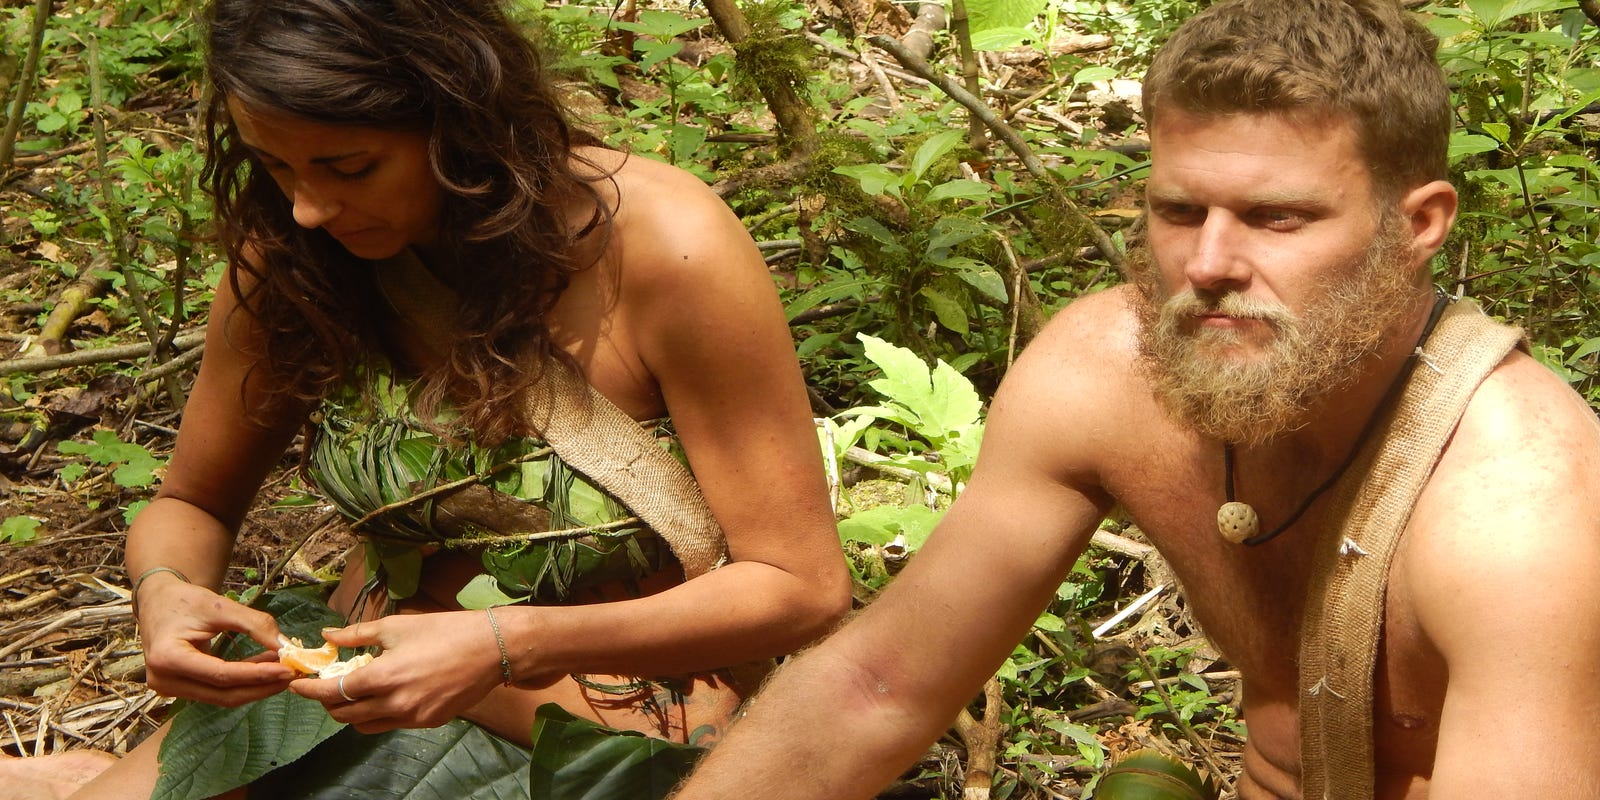 nicaraguanischer-kerl-nackt-nackte-chinesische-models-beim-liebesspiel